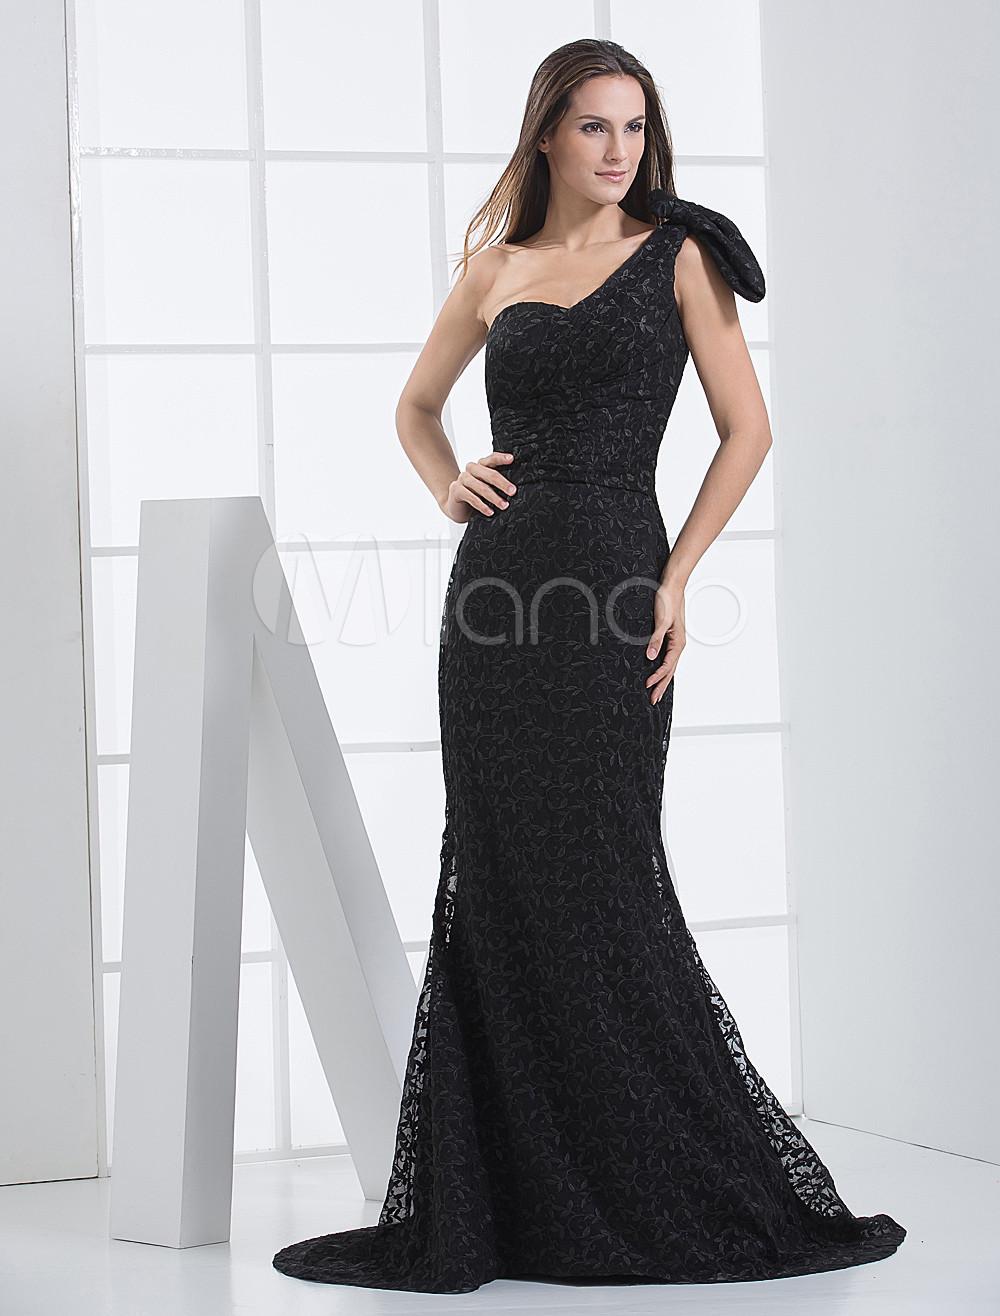 Ladies Evening Dresses | Coctail Dresses